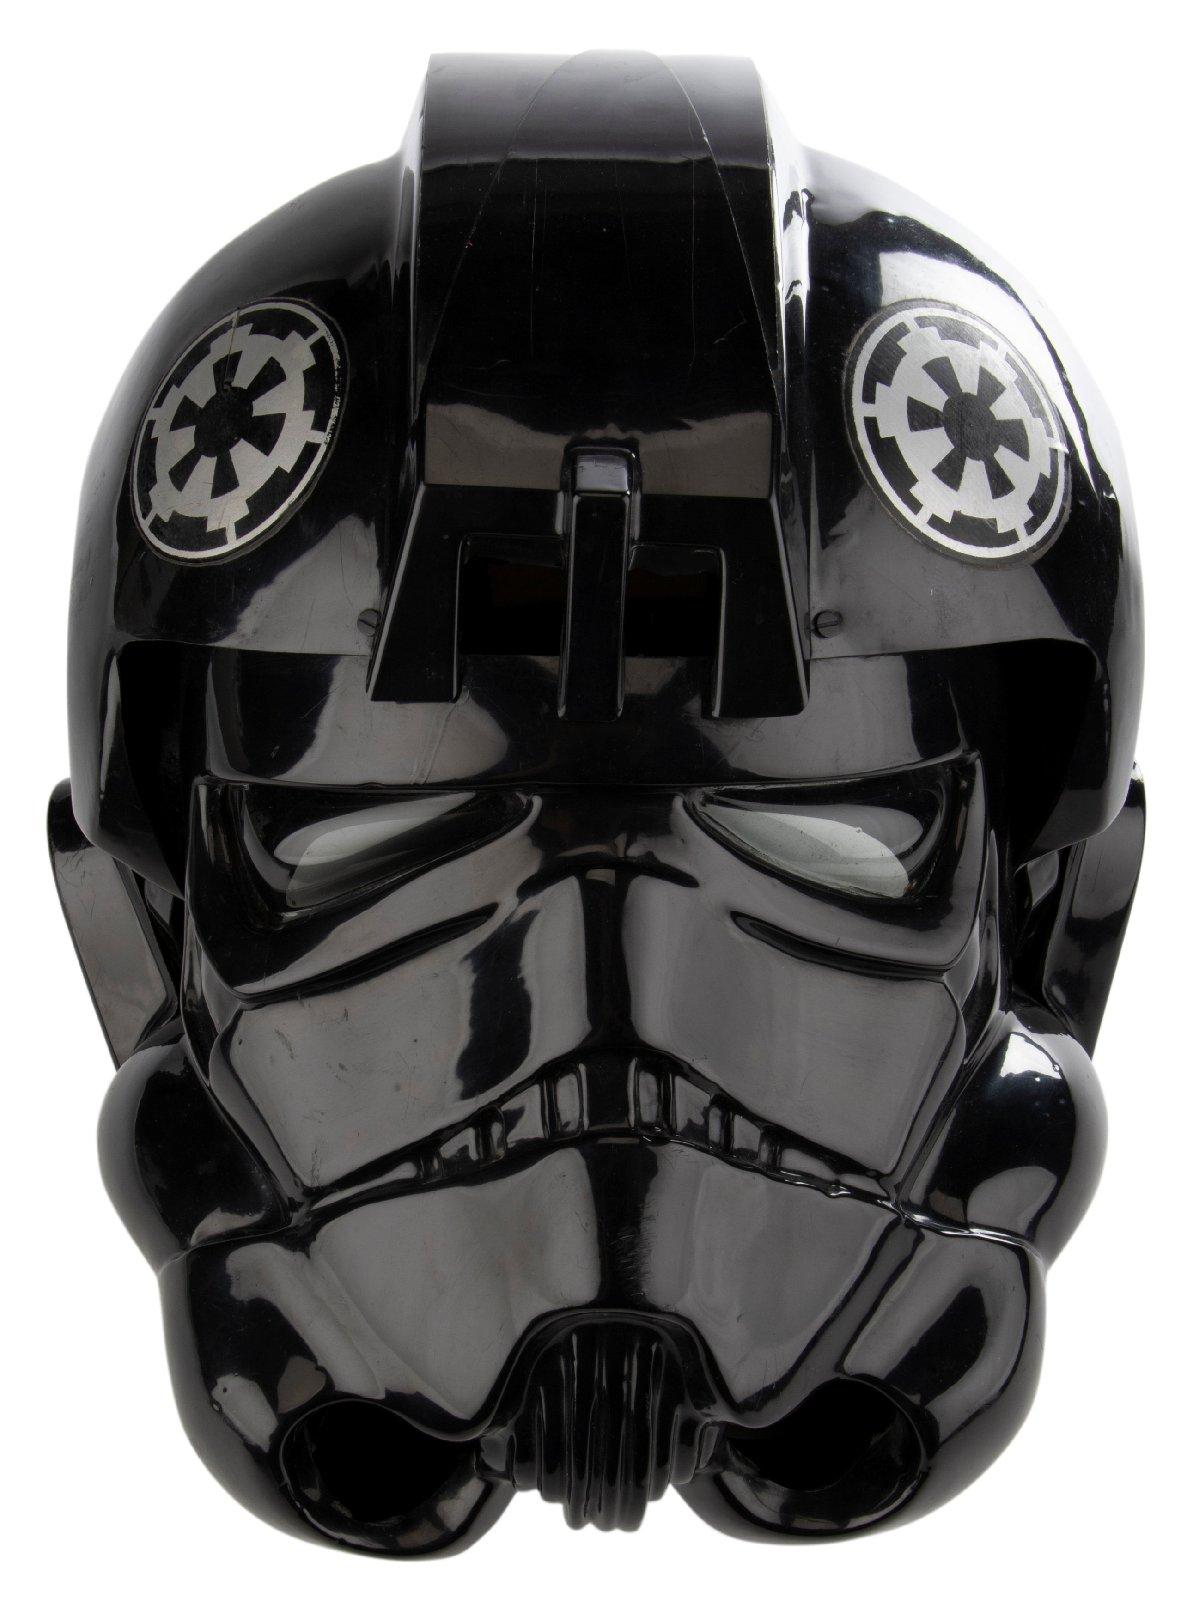 Maske rekor fiyata satıldı.